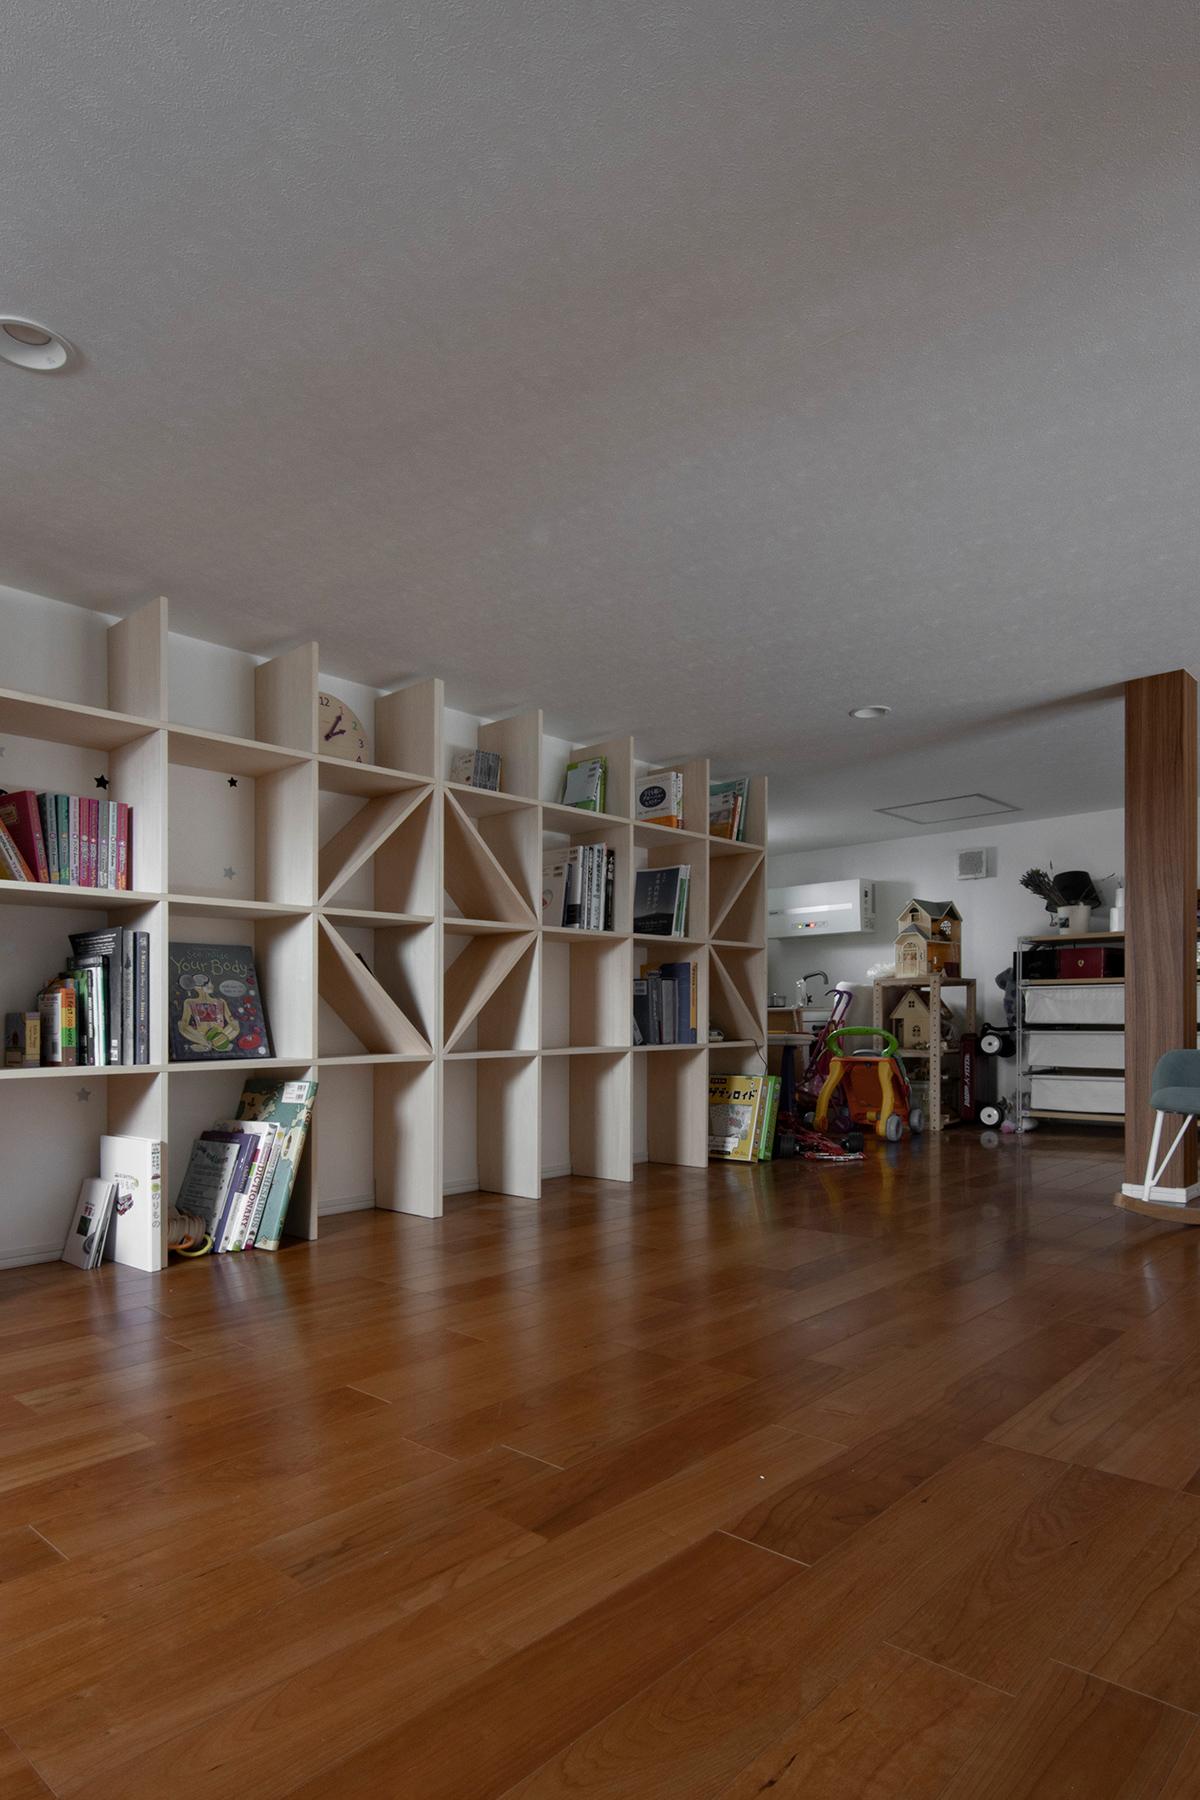 ロフト 3人のお子さんの遊び場 | 壁一面の本棚 奥行250mm / Shelf (No.82) | マルゲリータ使用例